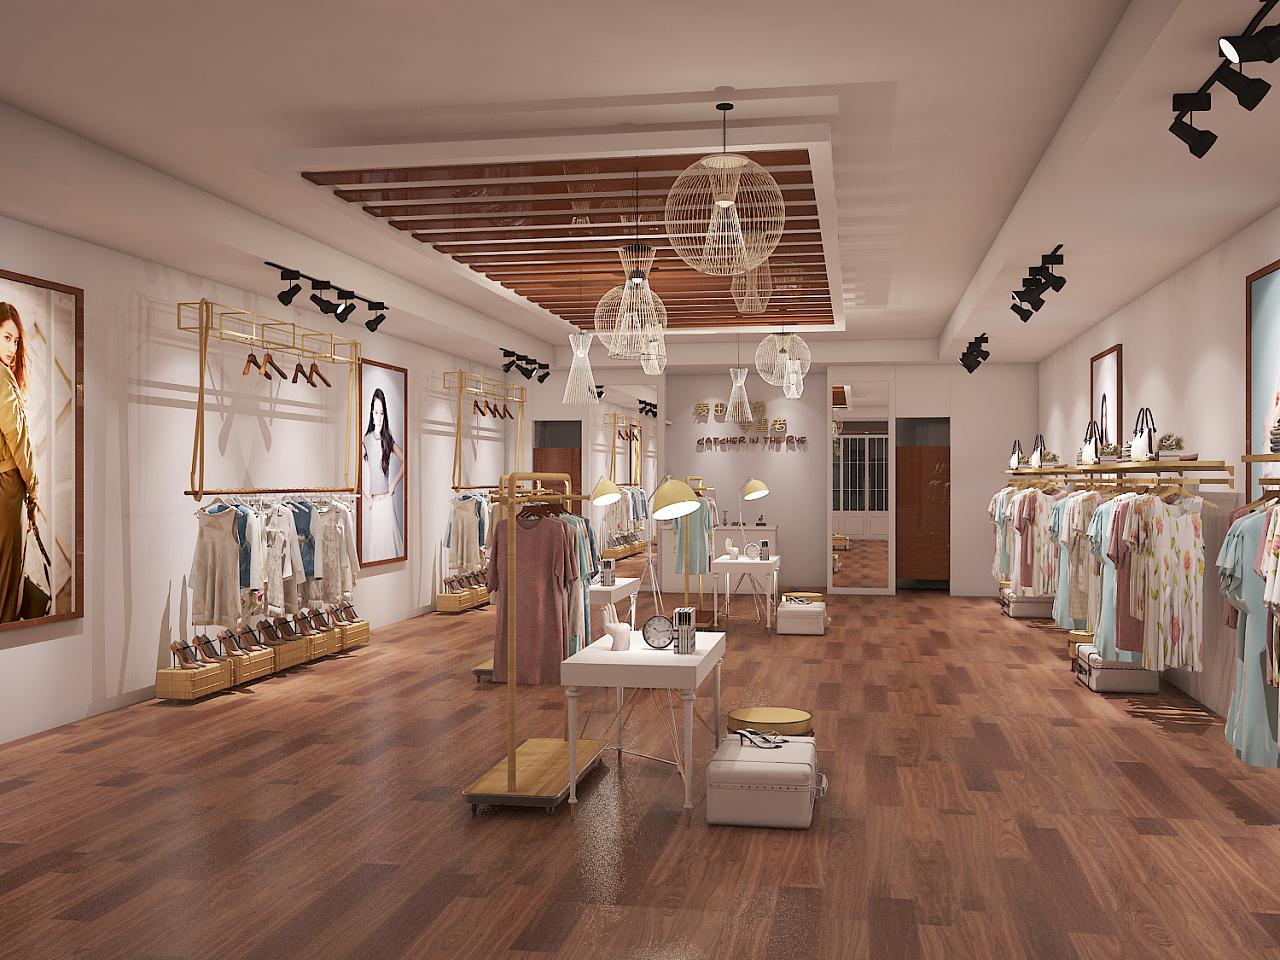 服装店|空间|展示设计 |及时雨shua啦啦 - 原创作品